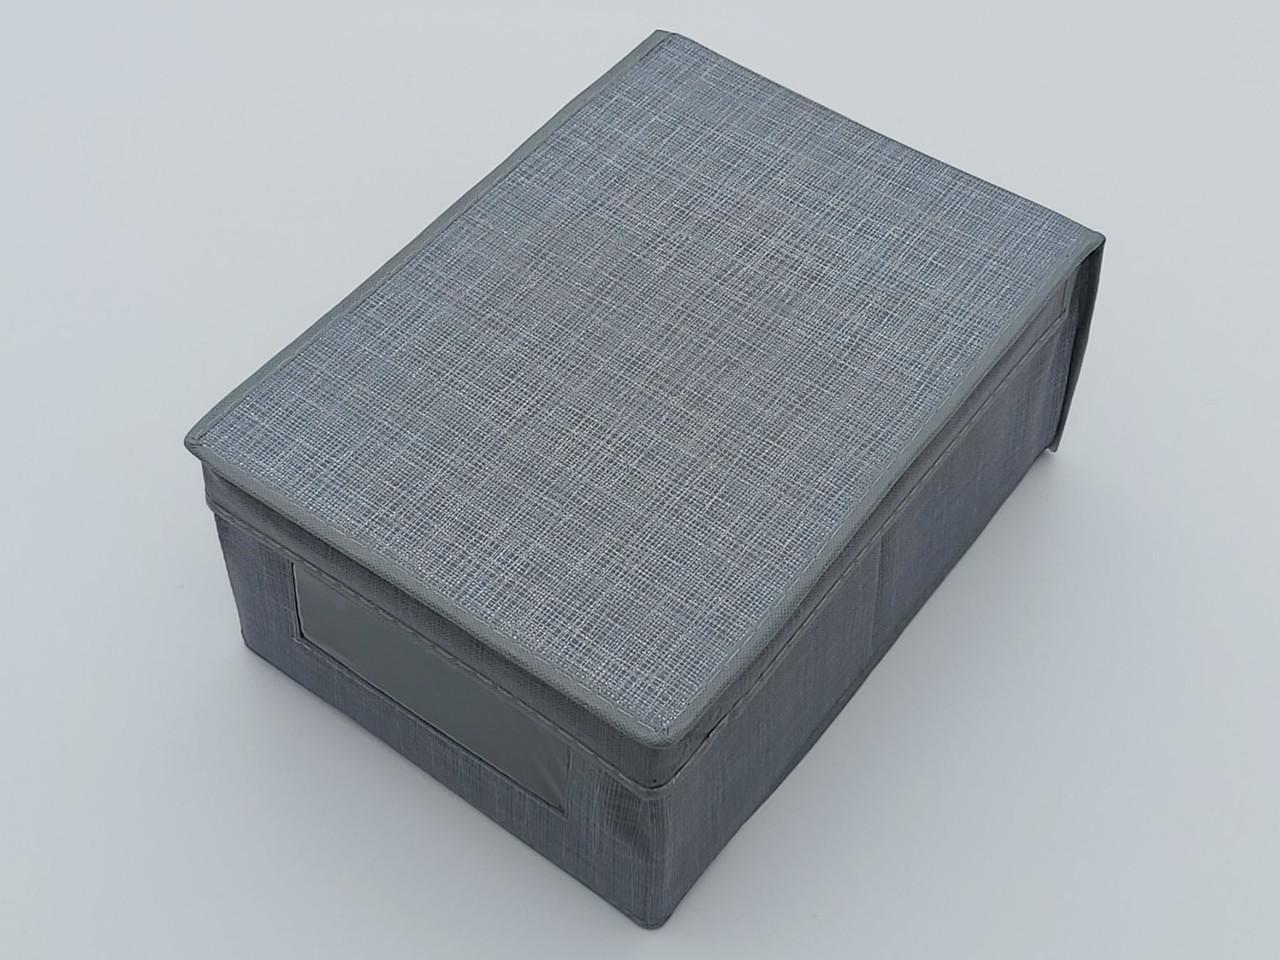 Коробка-органайзер   Ш 25*Д 35*В 16 см. Цвет серый для хранения одежды, обуви или небольших предметов